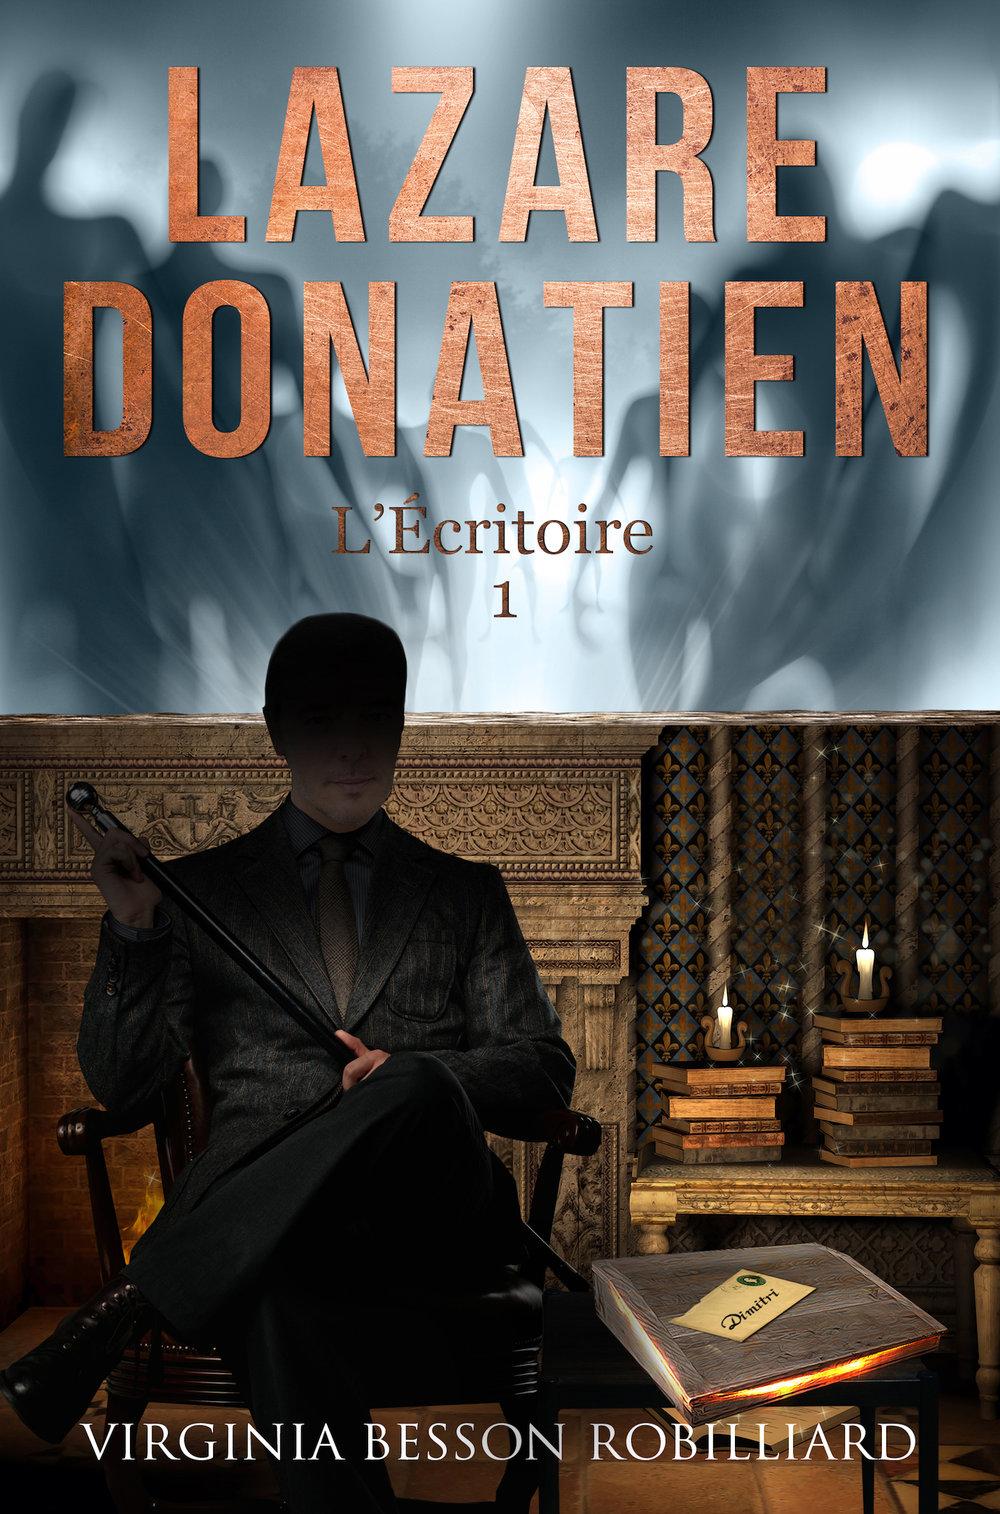 1er épisode des aventures de Lazare Donatien paru le 13 juin 2017 et inclus dans la version intégrale.